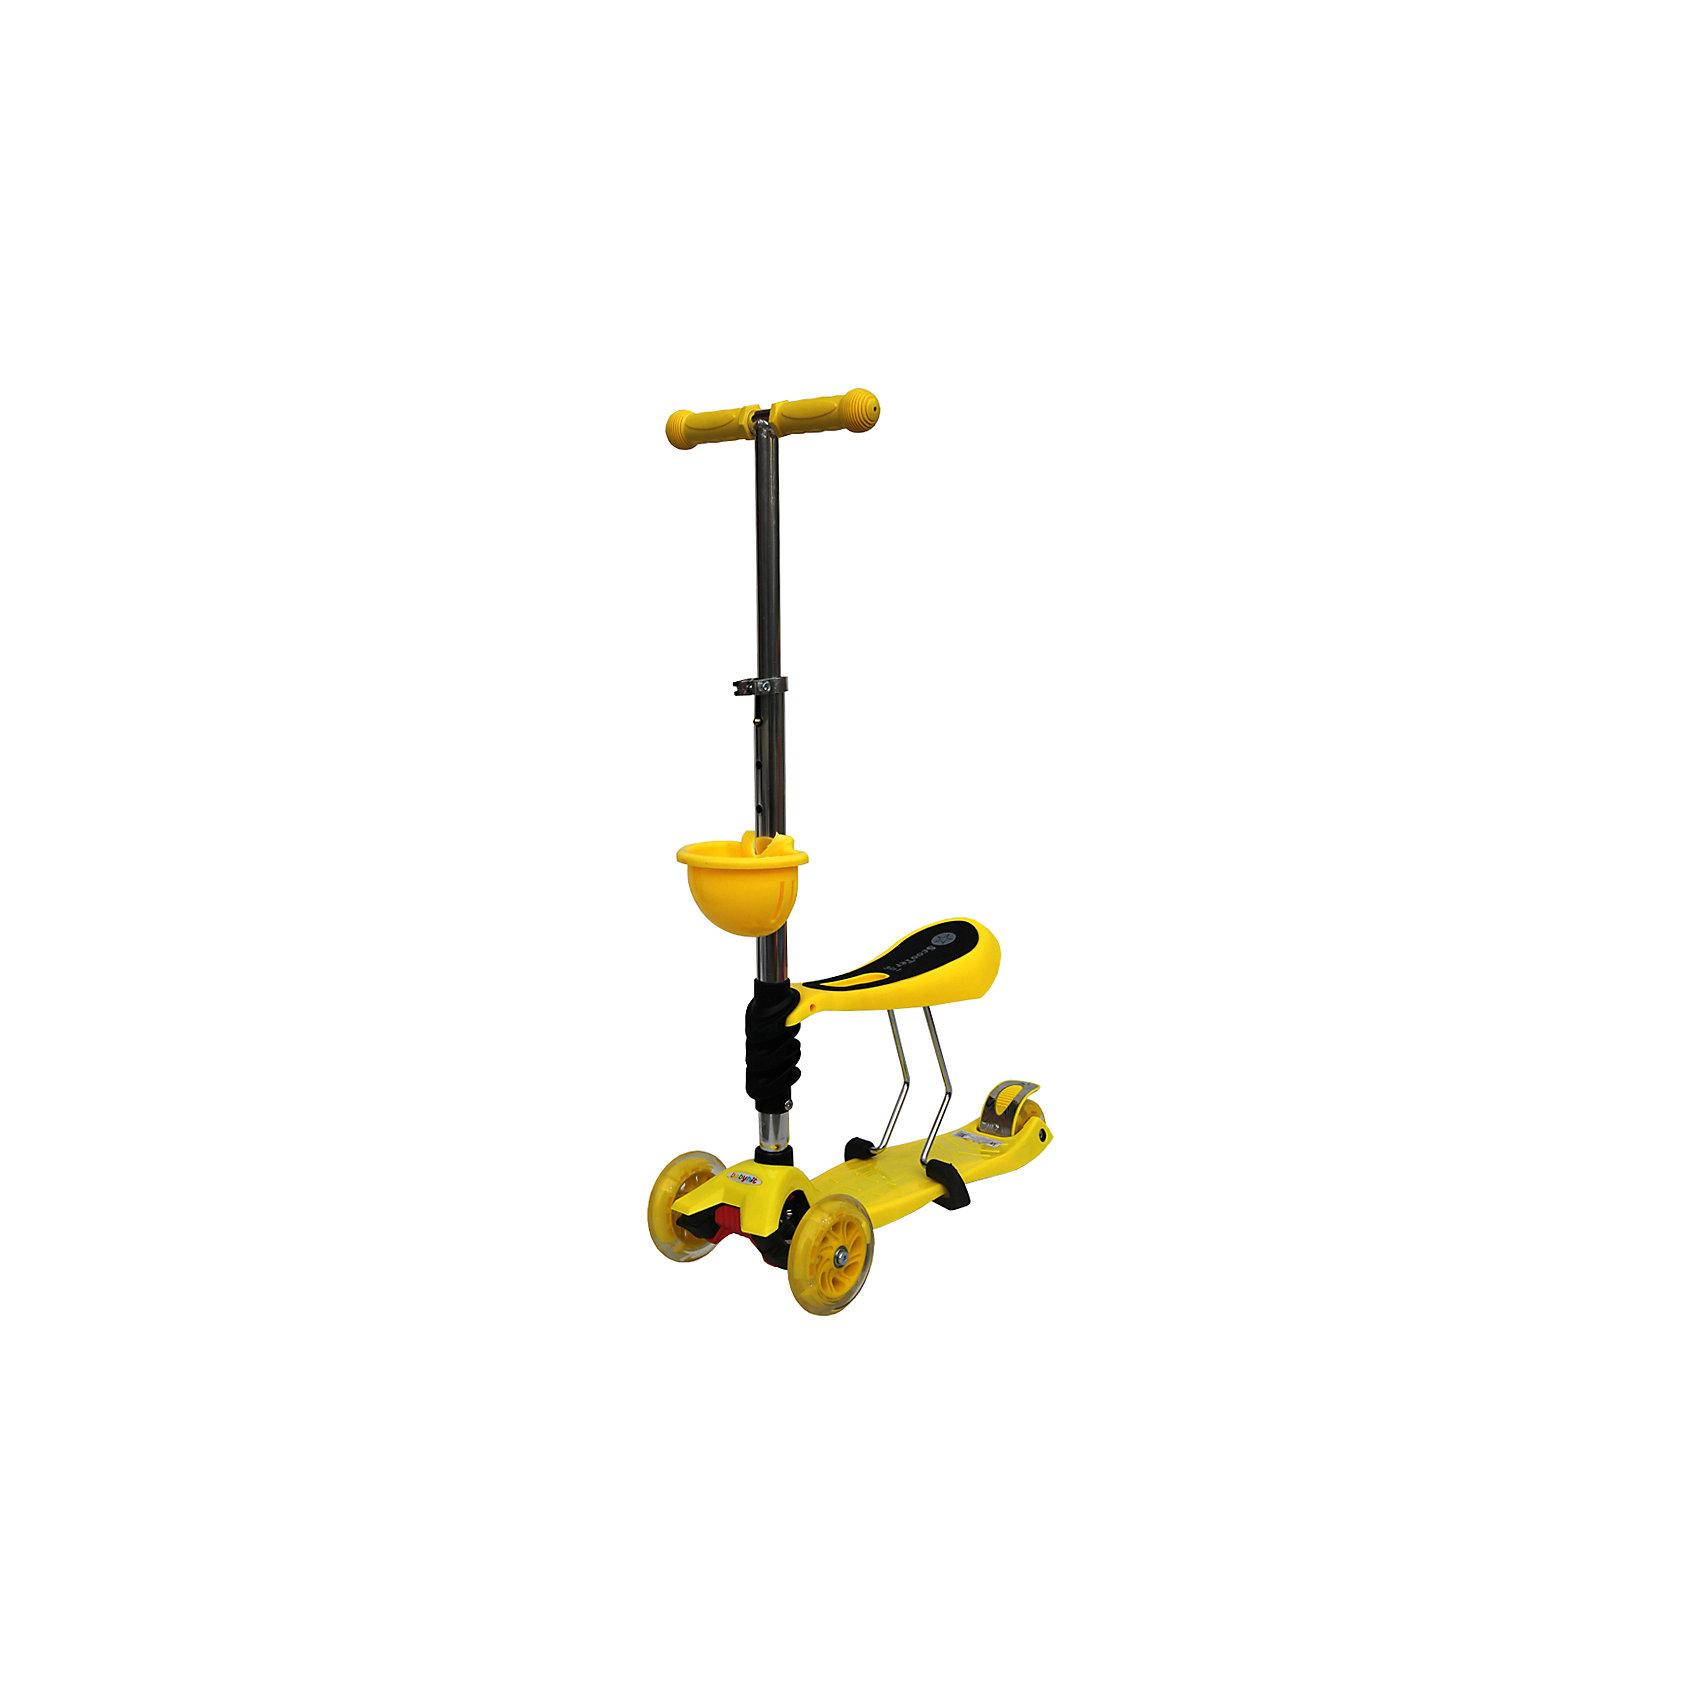 Самокат,желтый, ScooterOK TolocarСамокаты<br>Особенности самоката-толокара Babyhit ScooterOk Tolocar:<br>• Для детей от 3-х лет<br>• Регулируемая по высоте ручка (от 65 до 90 см) <br>• Силиконовые колеса со светодиодной подсветкой<br>• Задние сдвоенные колеса для большей устойчивости<br>• Съемное сидение, превращающее самокат в толокар (на высоте 40 см)<br>• Корзинка для мелочей<br>• Усиленная платформа <br>• Высокое качество применяемых материалов<br>• Диаметр колес: передние – 120 мм, задние – 80 мм<br>• Максимальная нагрузка - до 40 кг<br><br>Ширина мм: 600<br>Глубина мм: 145<br>Высота мм: 280<br>Вес г: 3660<br>Возраст от месяцев: 36<br>Возраст до месяцев: 2147483647<br>Пол: Унисекс<br>Возраст: Детский<br>SKU: 5614428